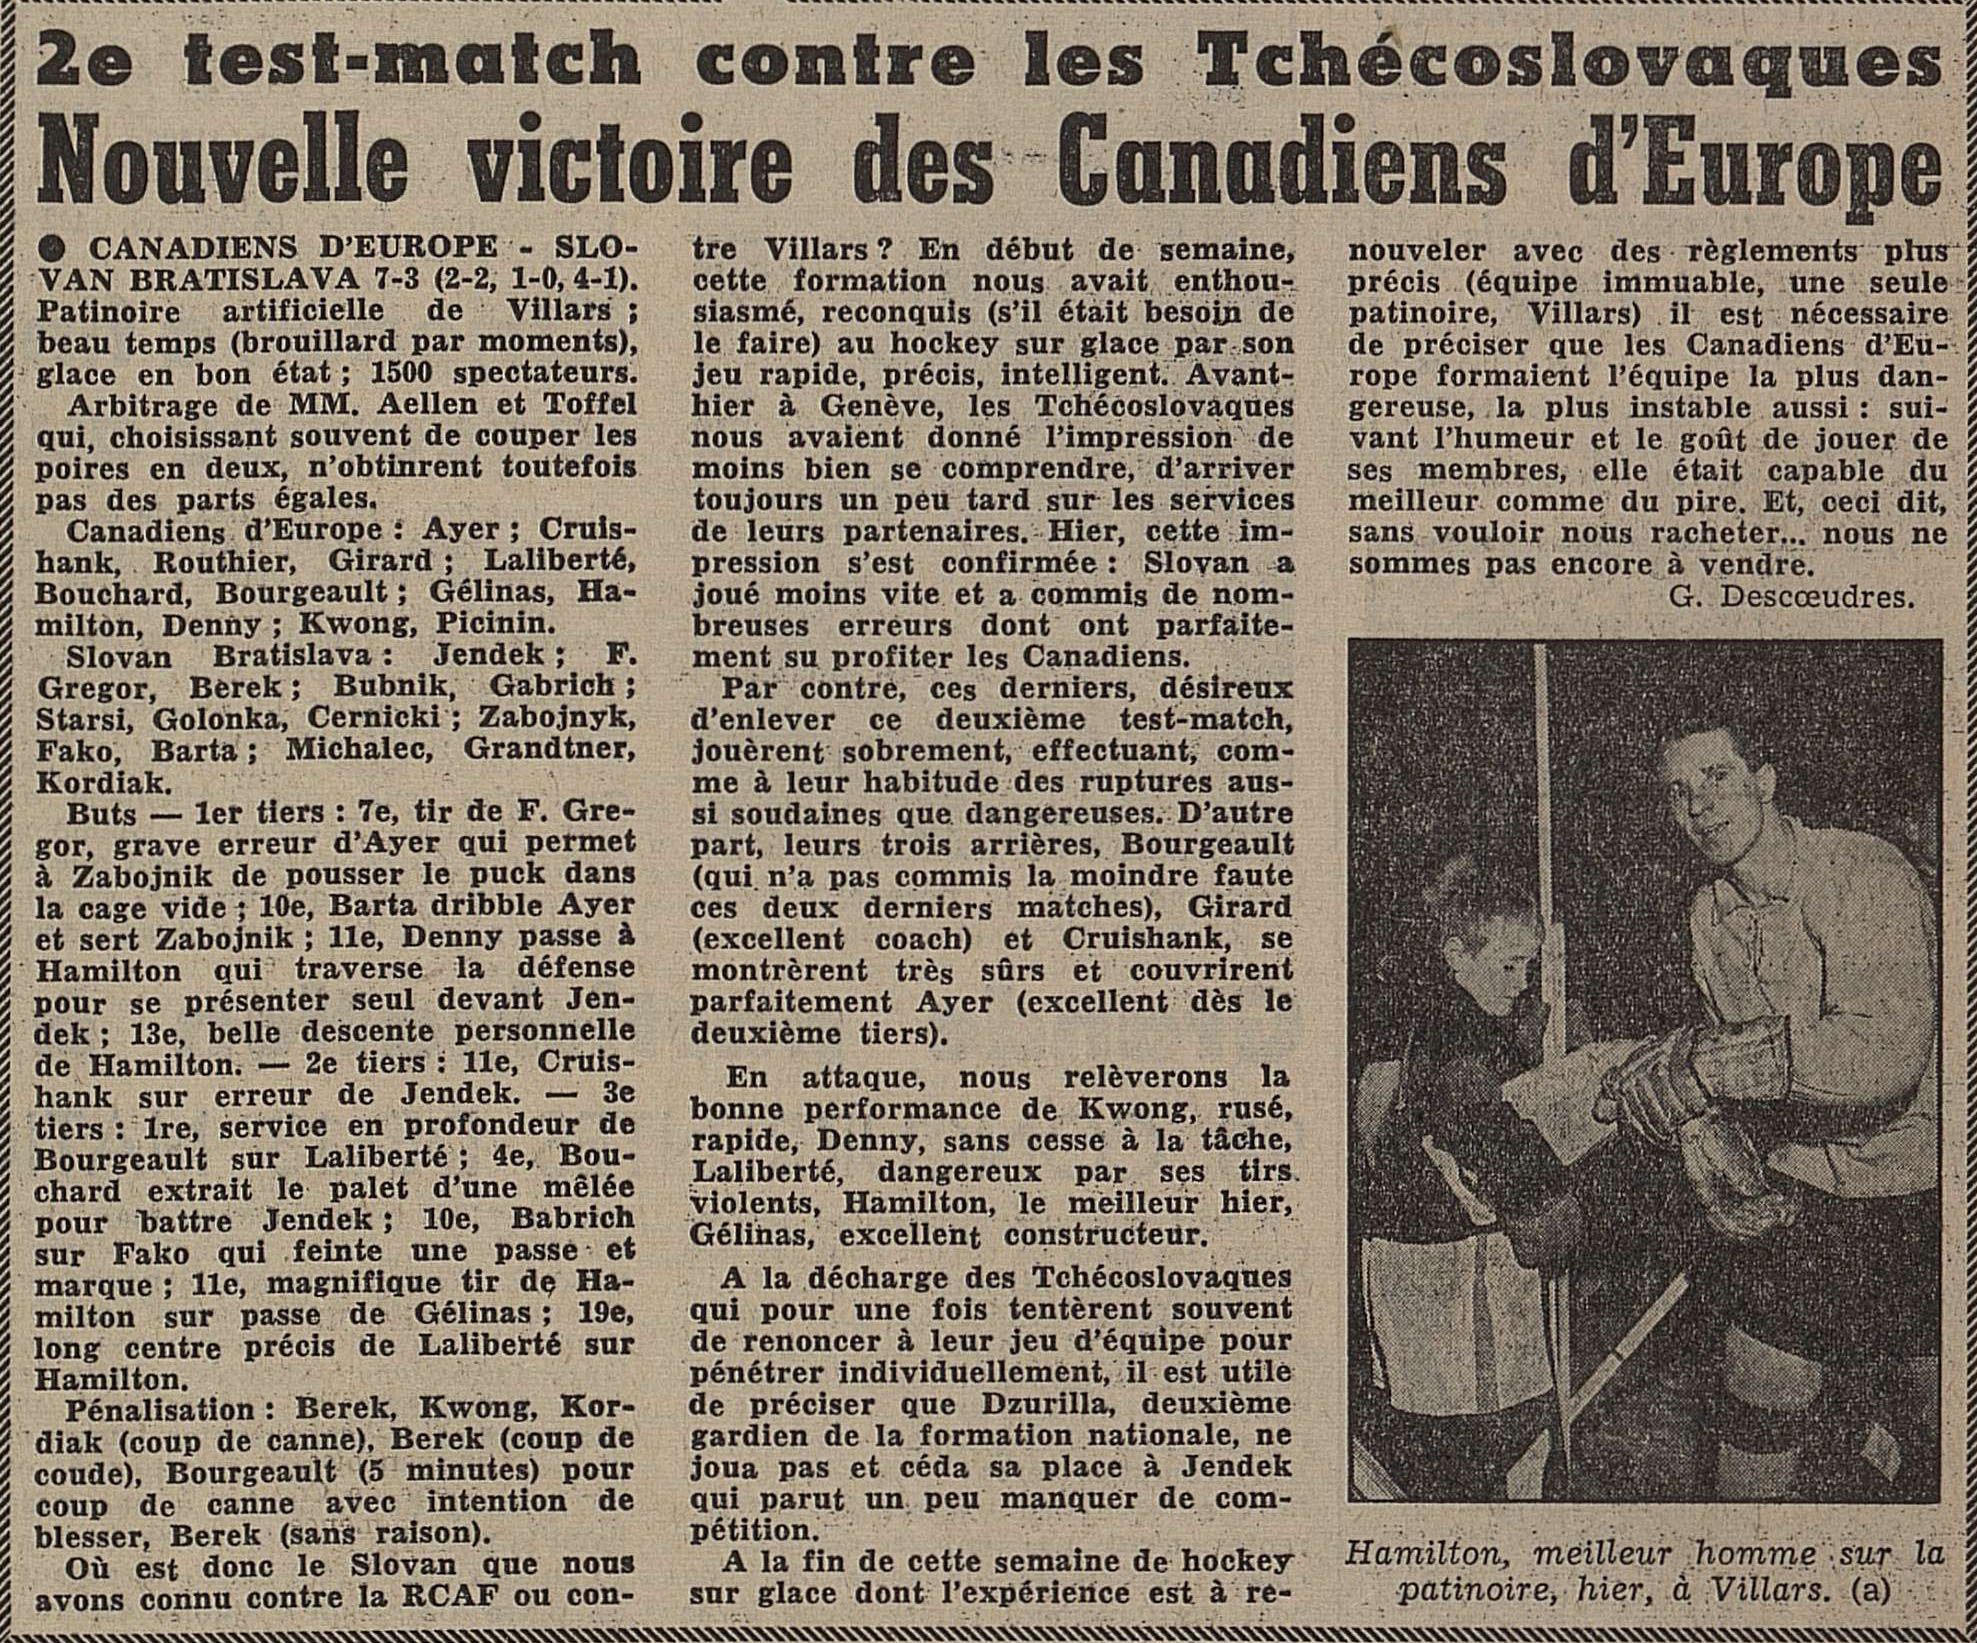 Le Matin - Tribune de Lausanne_19620107_ud33go.jpg